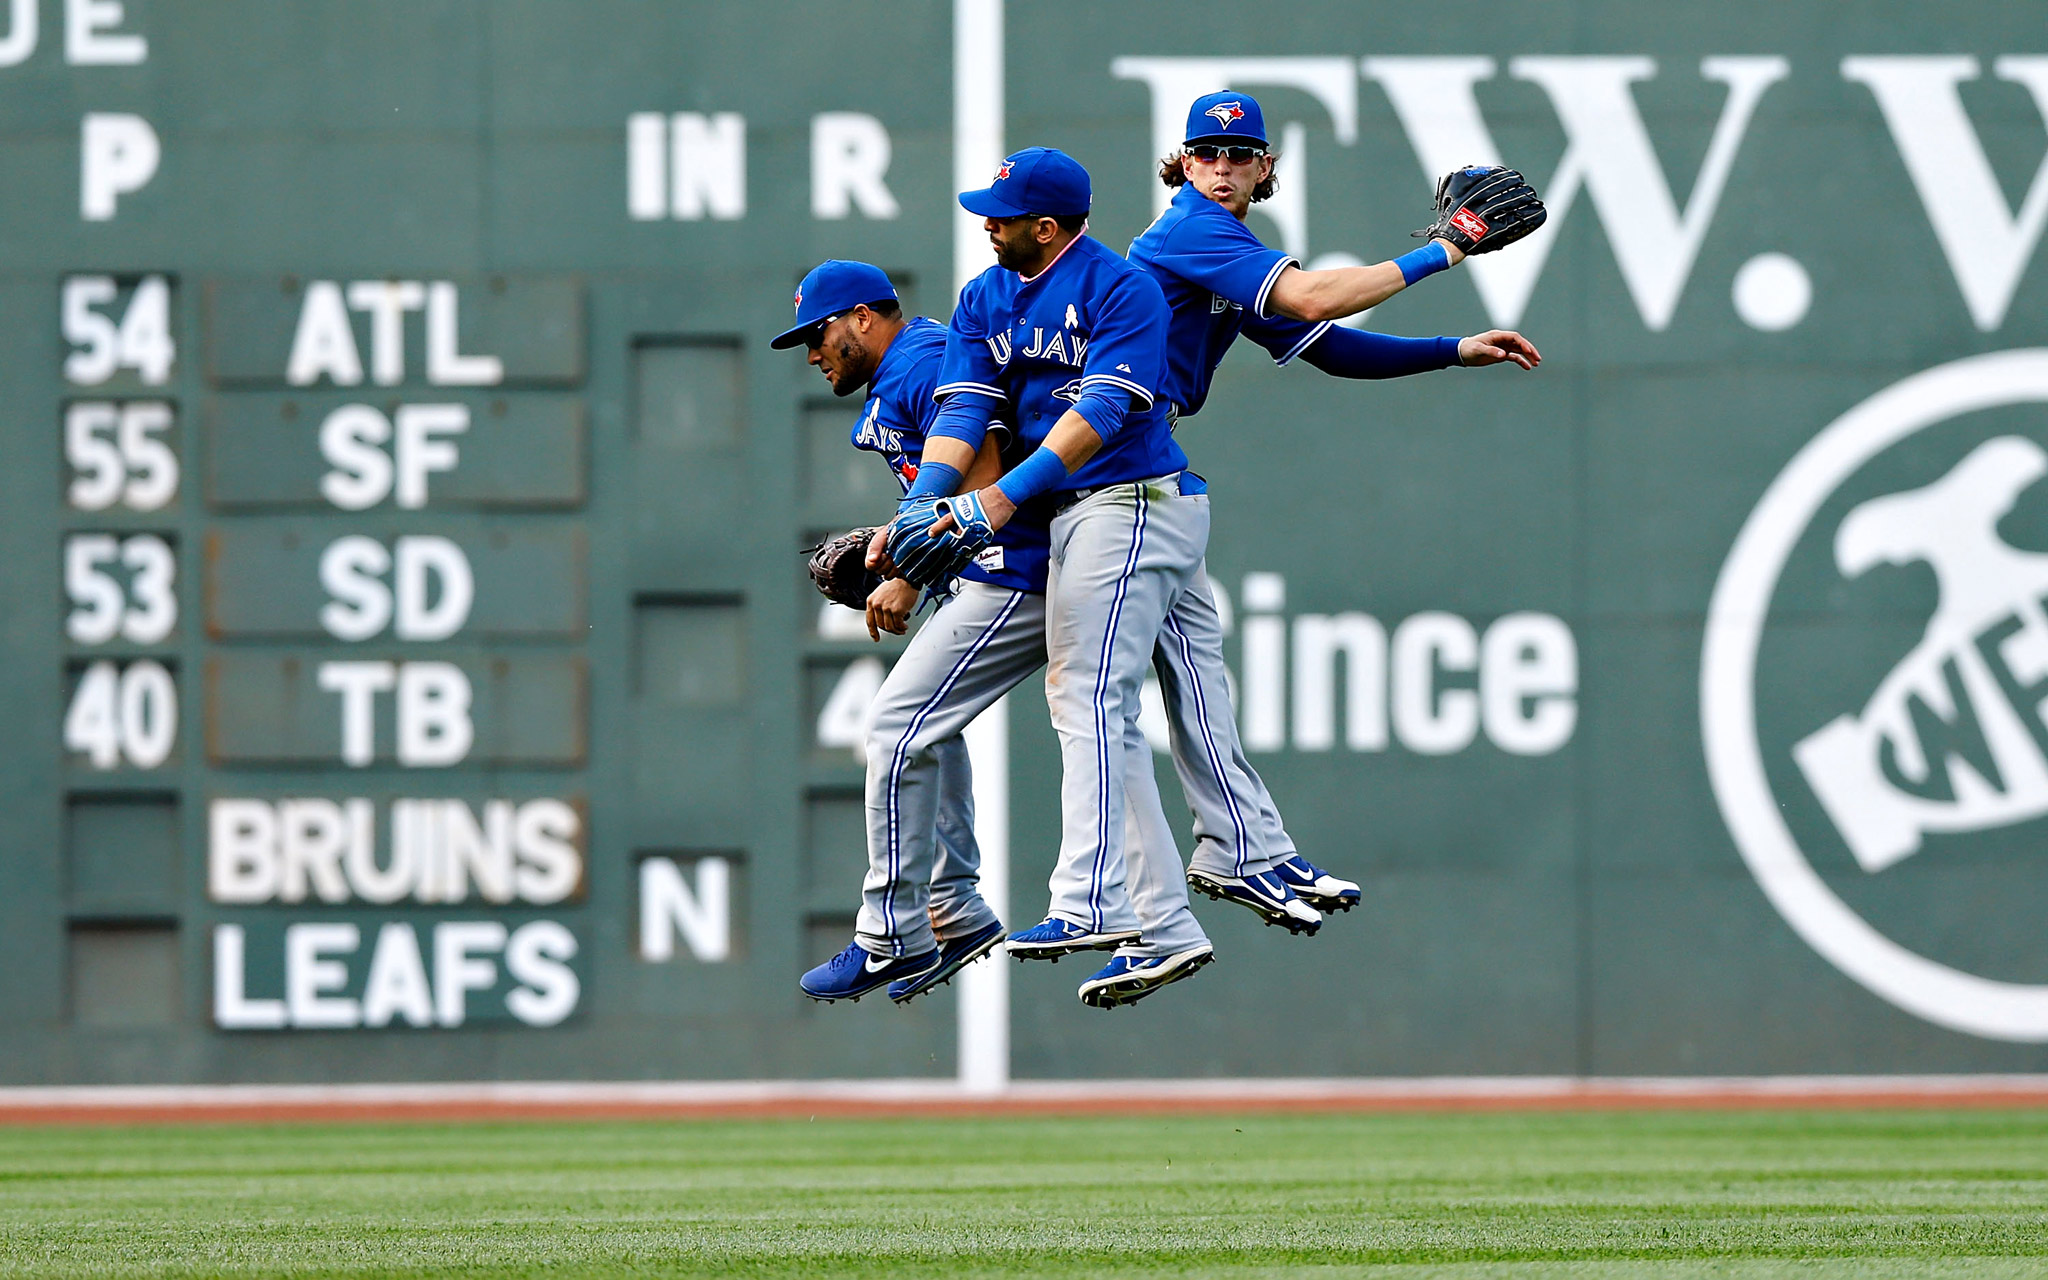 Jumping Jays